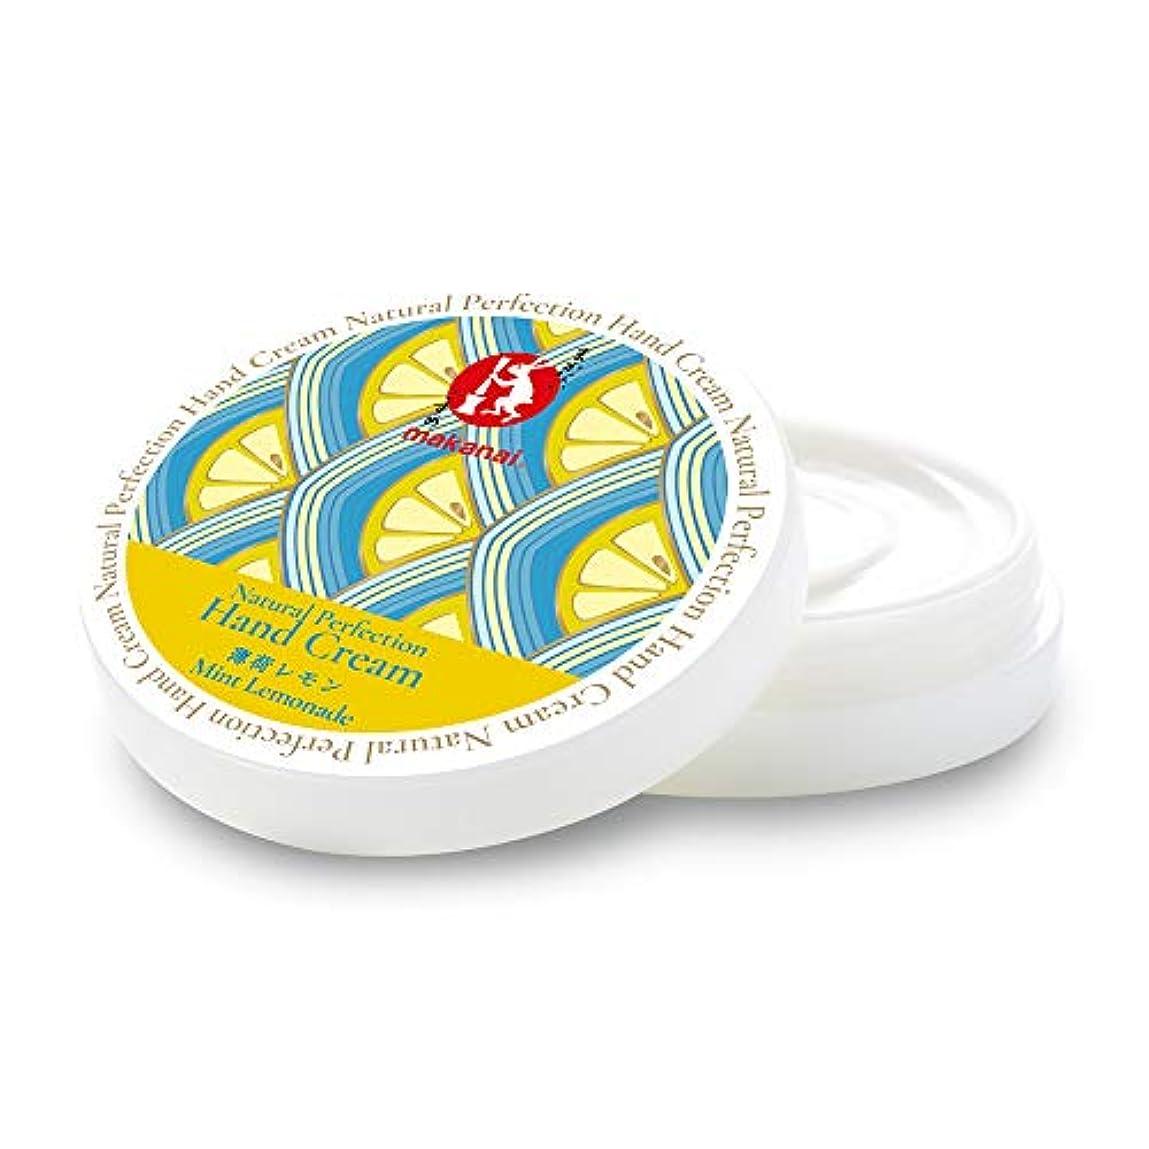 事前ランクスナックまかないこすめ 絶妙レシピのハンドクリーム(薄荷レモン) 30g